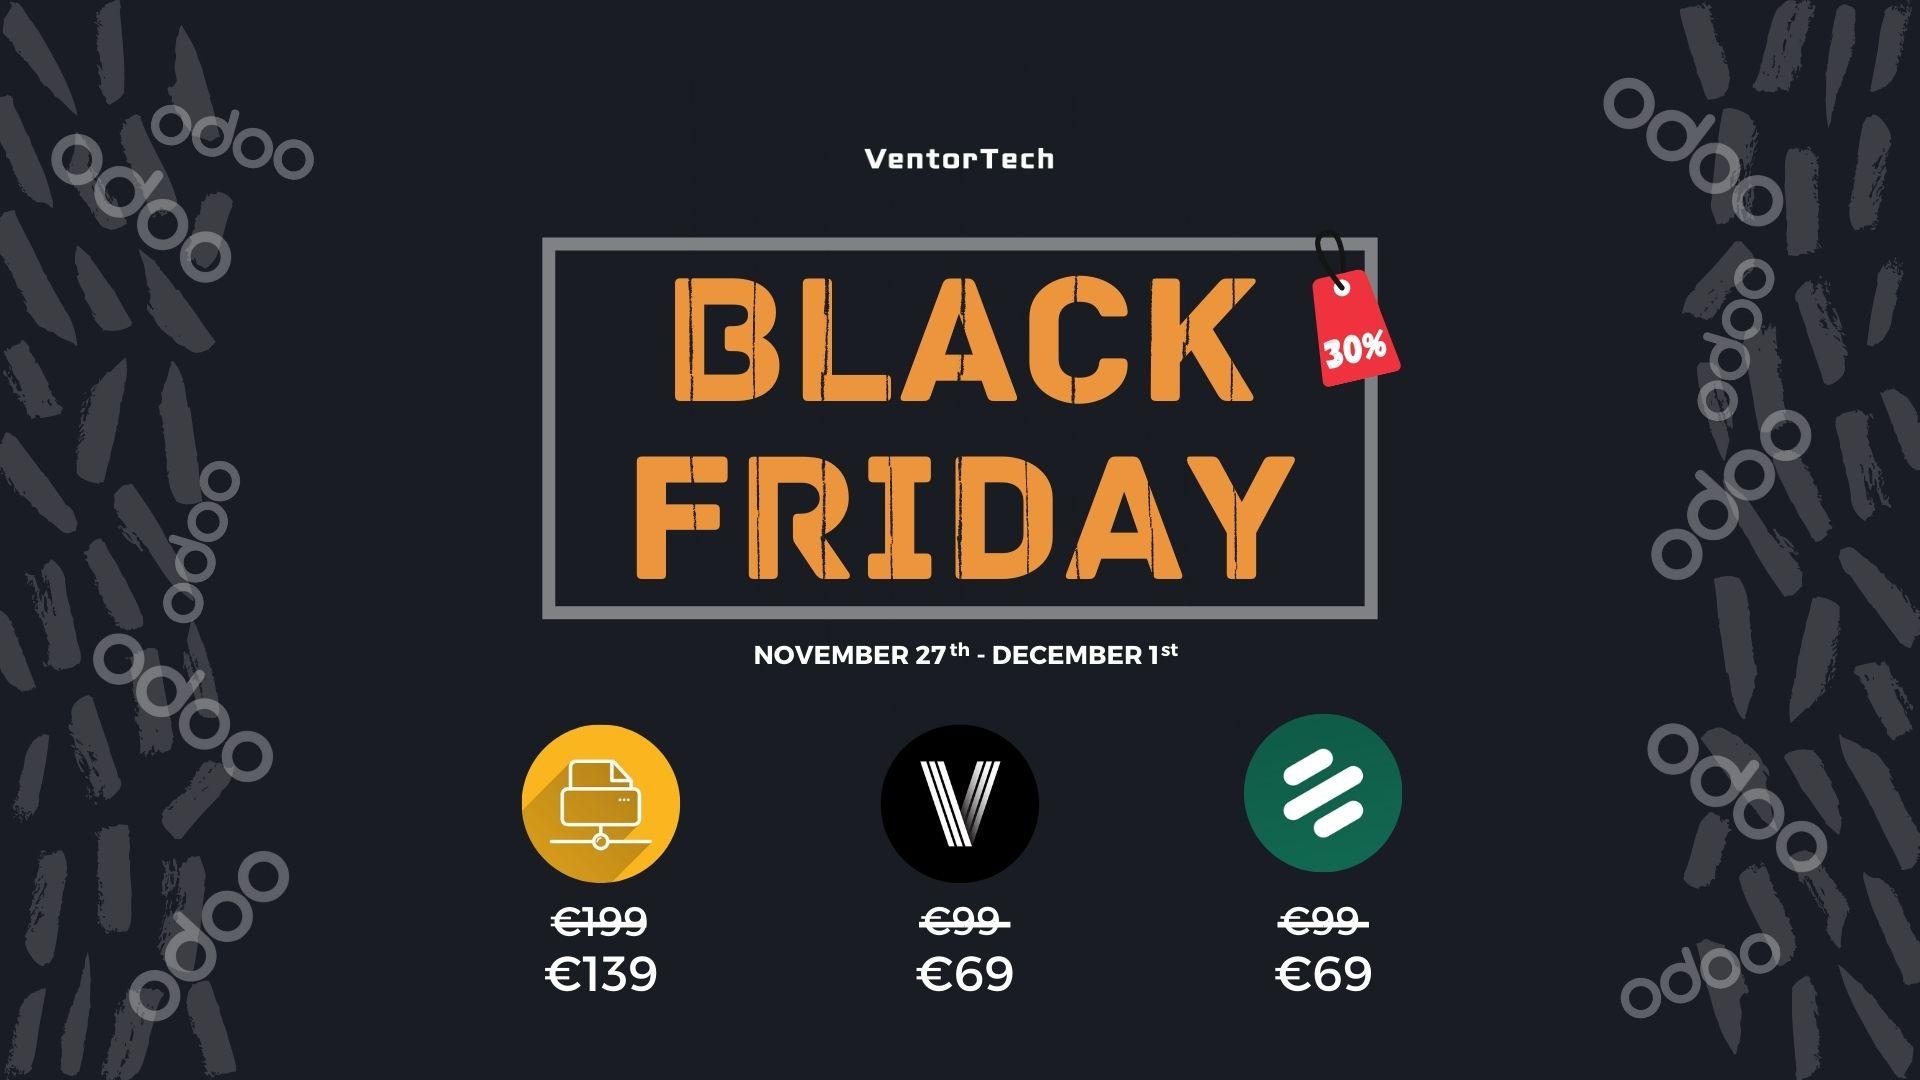 Black Friday – Get 30% off of Ventor